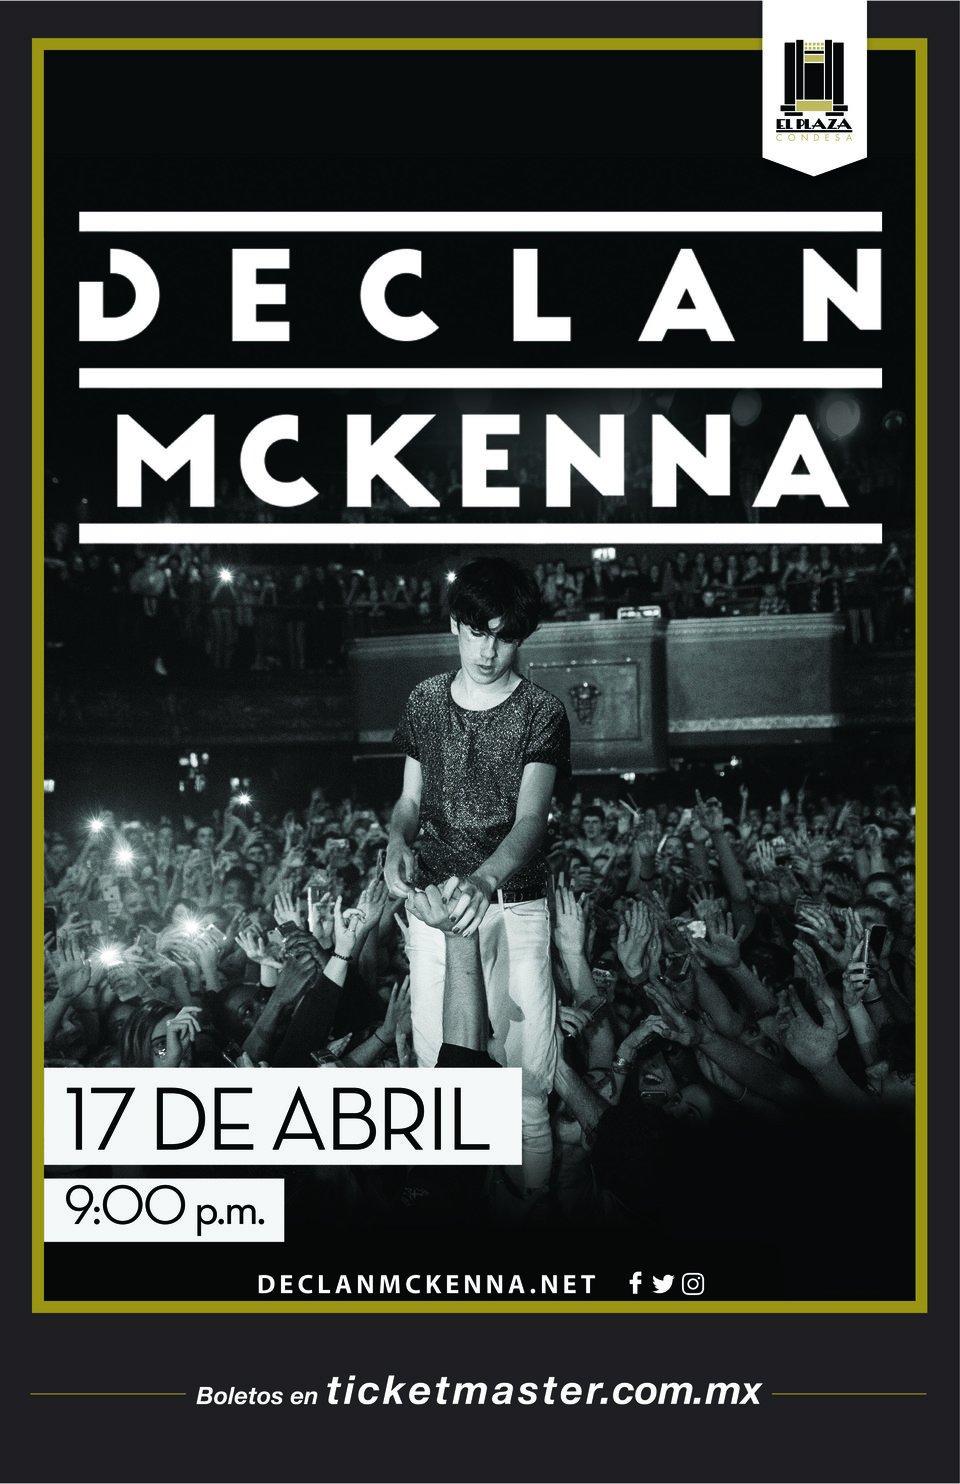 Arte Oficial: Declan McKenna en El Plaza Condesa